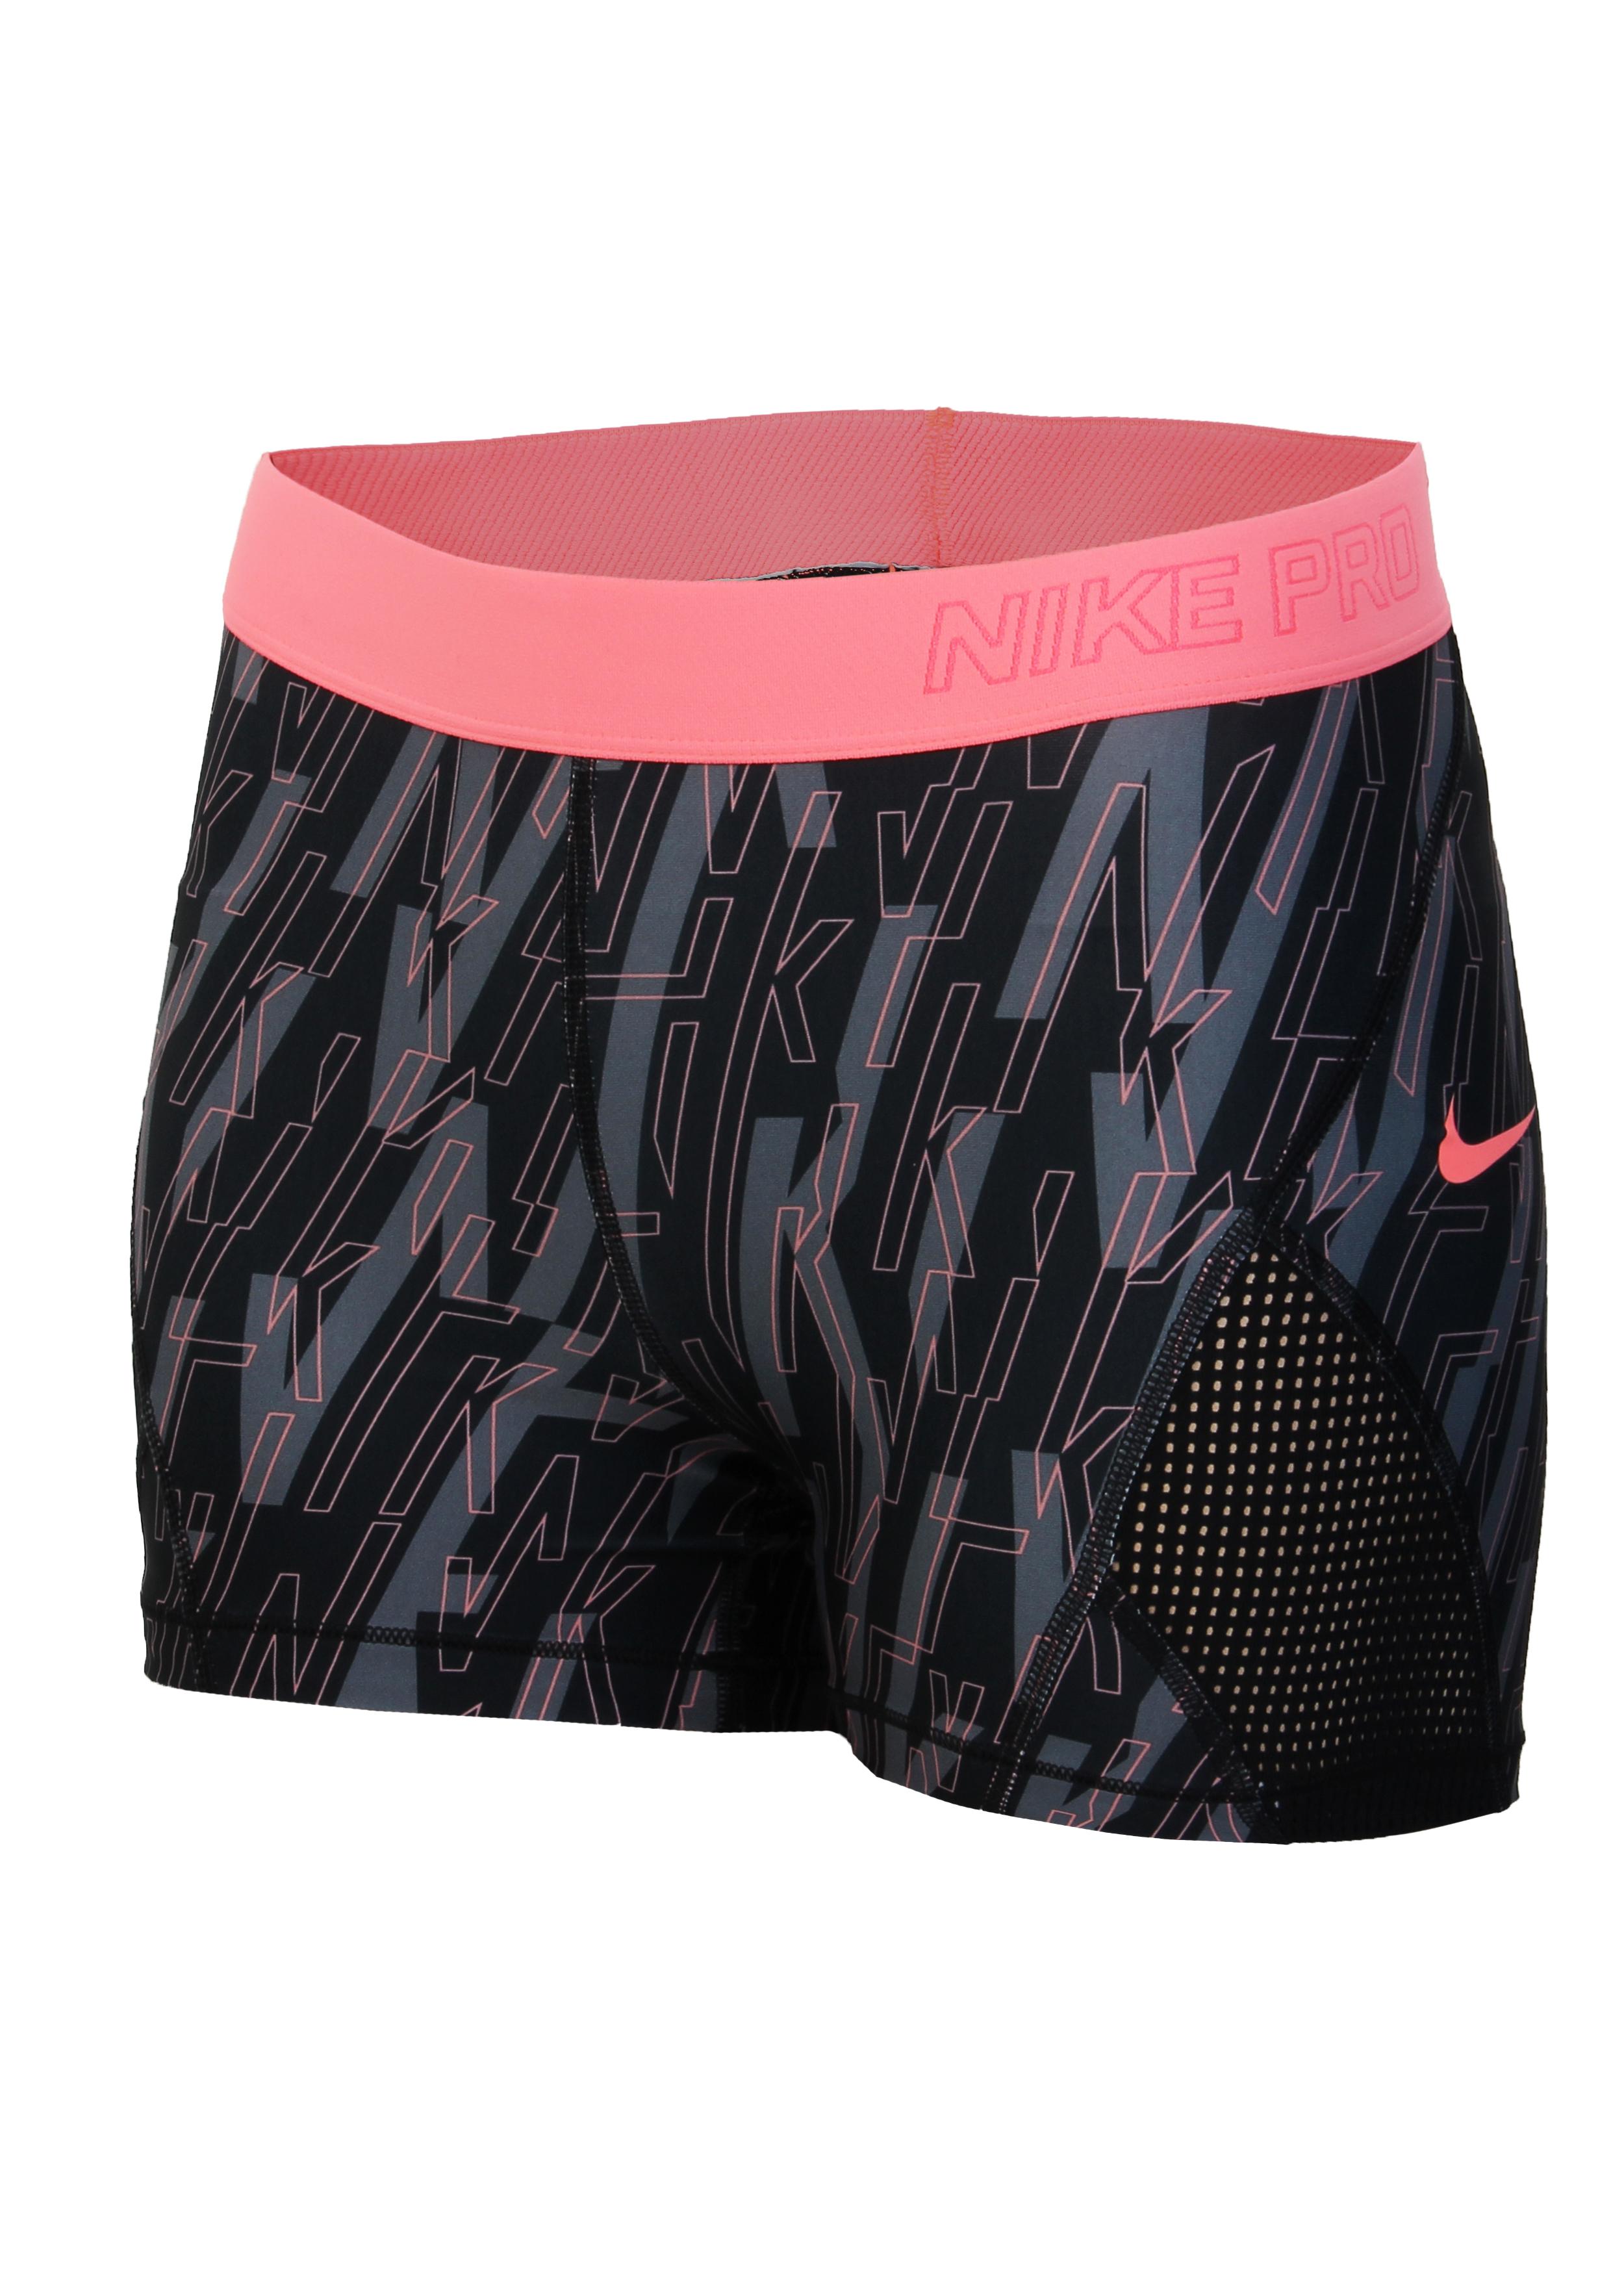 78a5f04b Шорты женские Nike Pro Hypercool Short компрессионные - Сеть ...